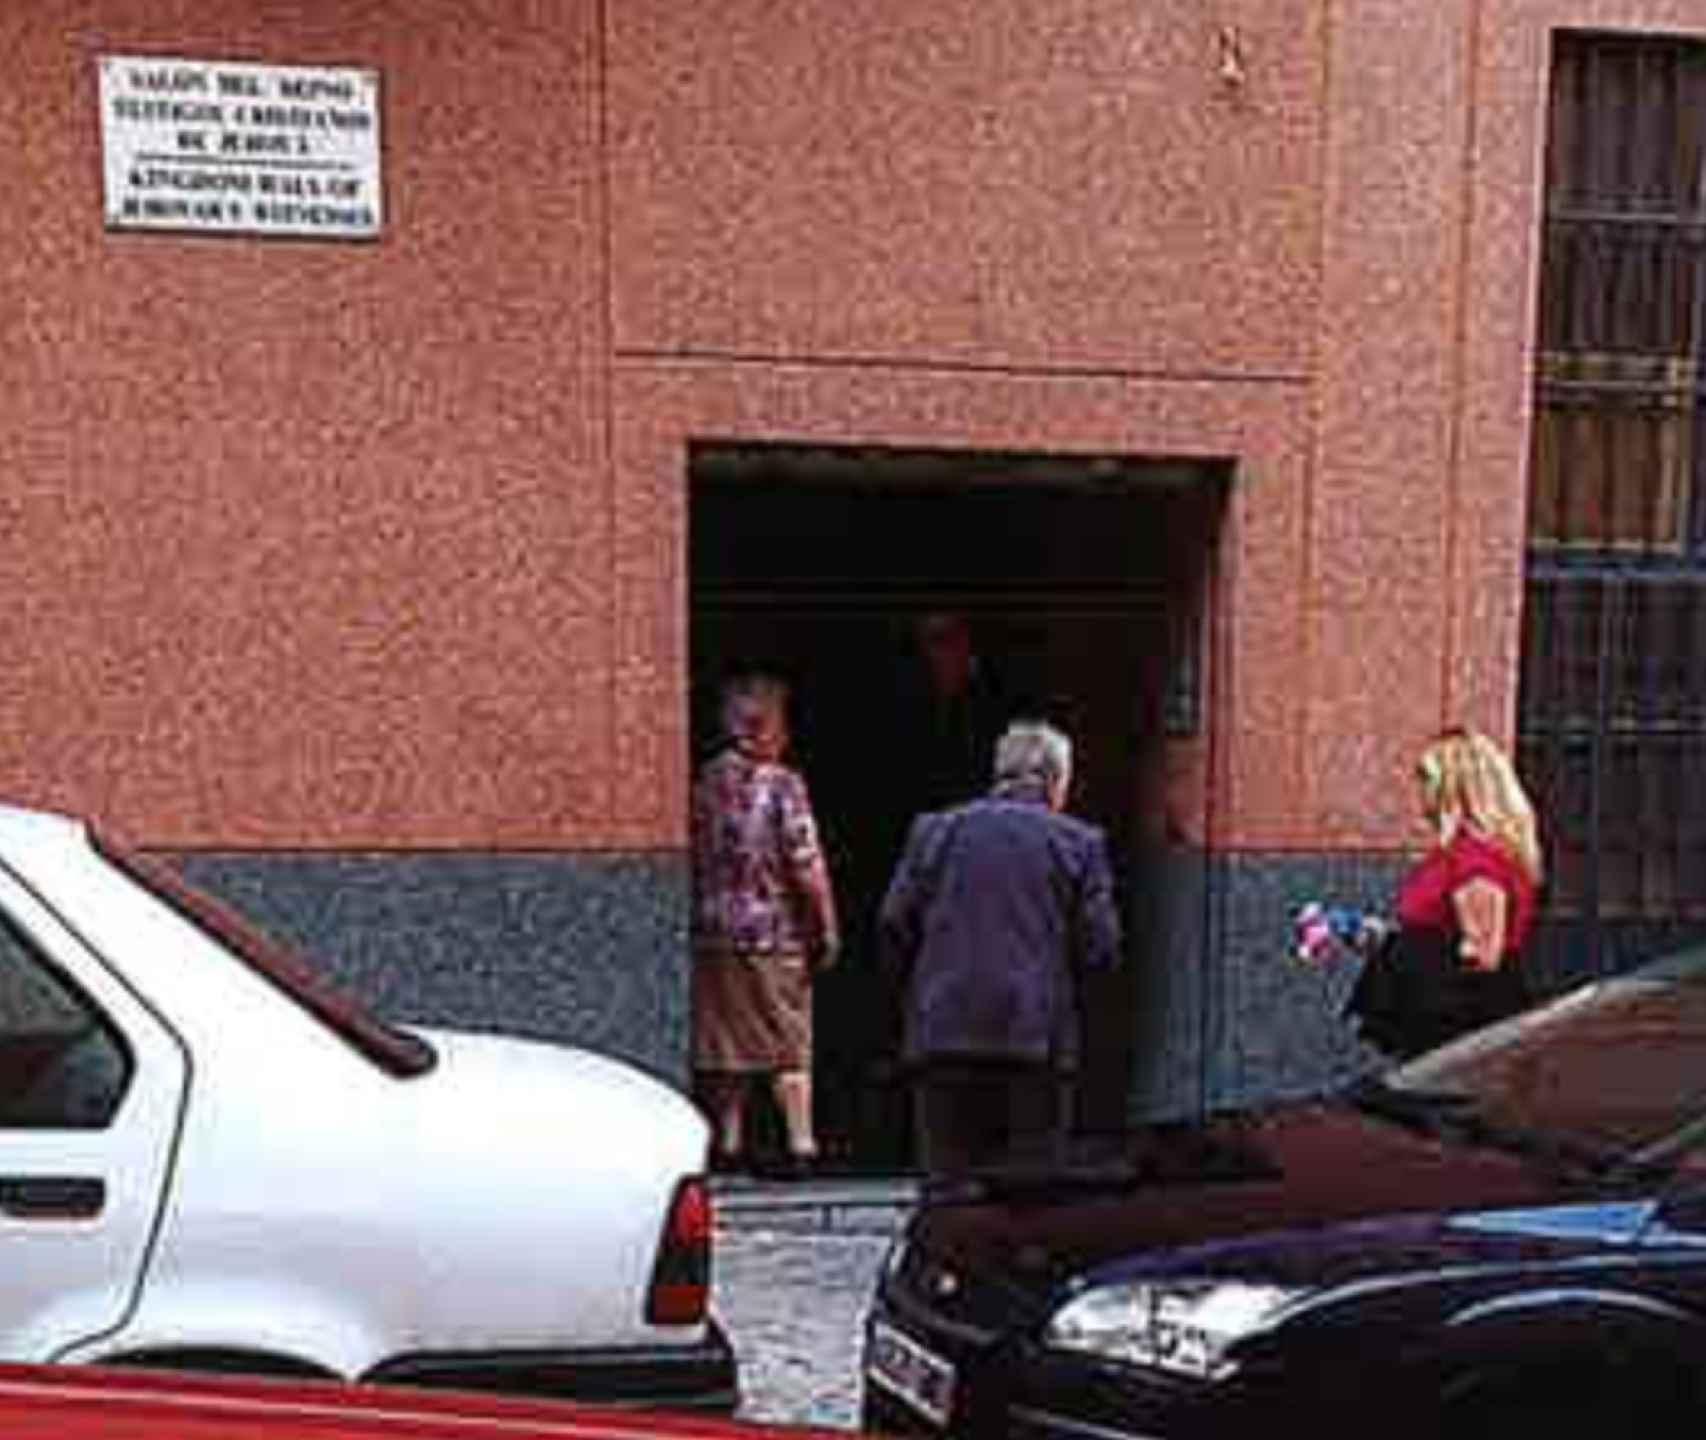 Una de las imágenes presentadas en el juicio en la que se ve cómo los abuelos paternos llevan al menor a una reunión de testigos de Jehová.